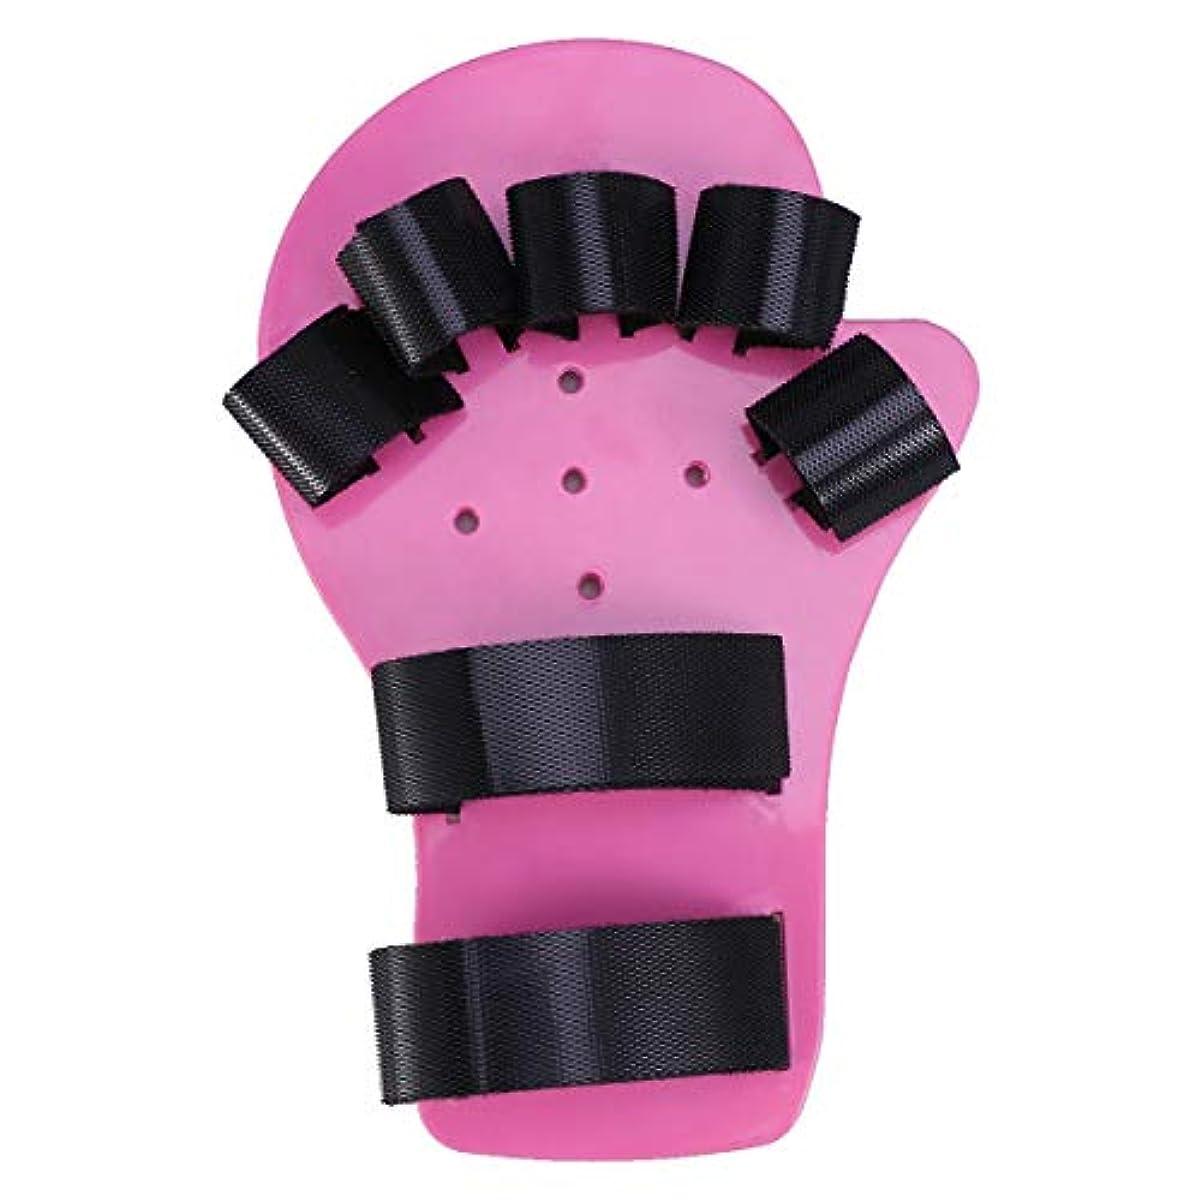 失効平衡四回Healifty 指副木指板指セパレーターハンド手首トレーニング脳卒中患者関節炎リハビリテーションサポート装具1-5歳(ピンク)